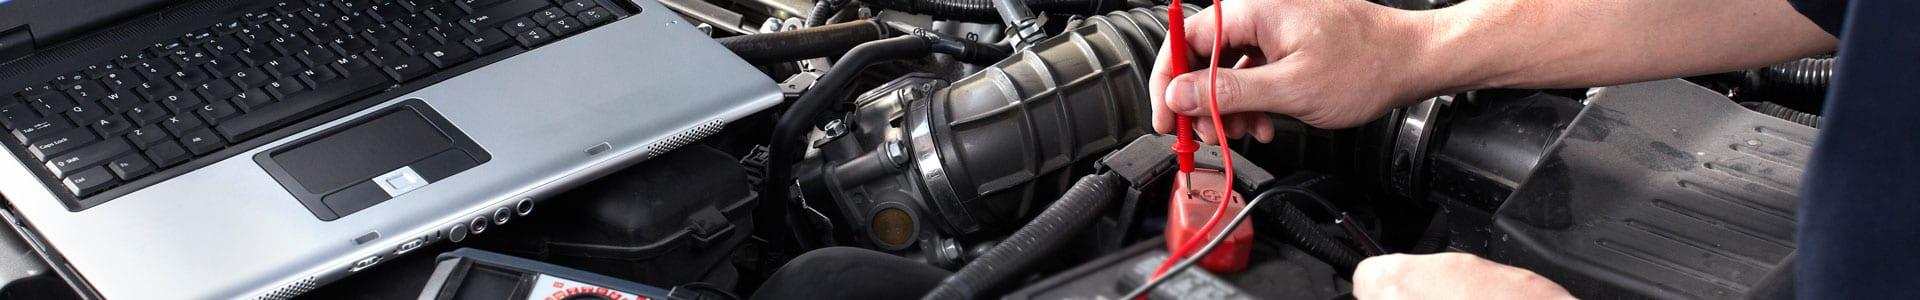 диагностика дизельных двигателей в СПб